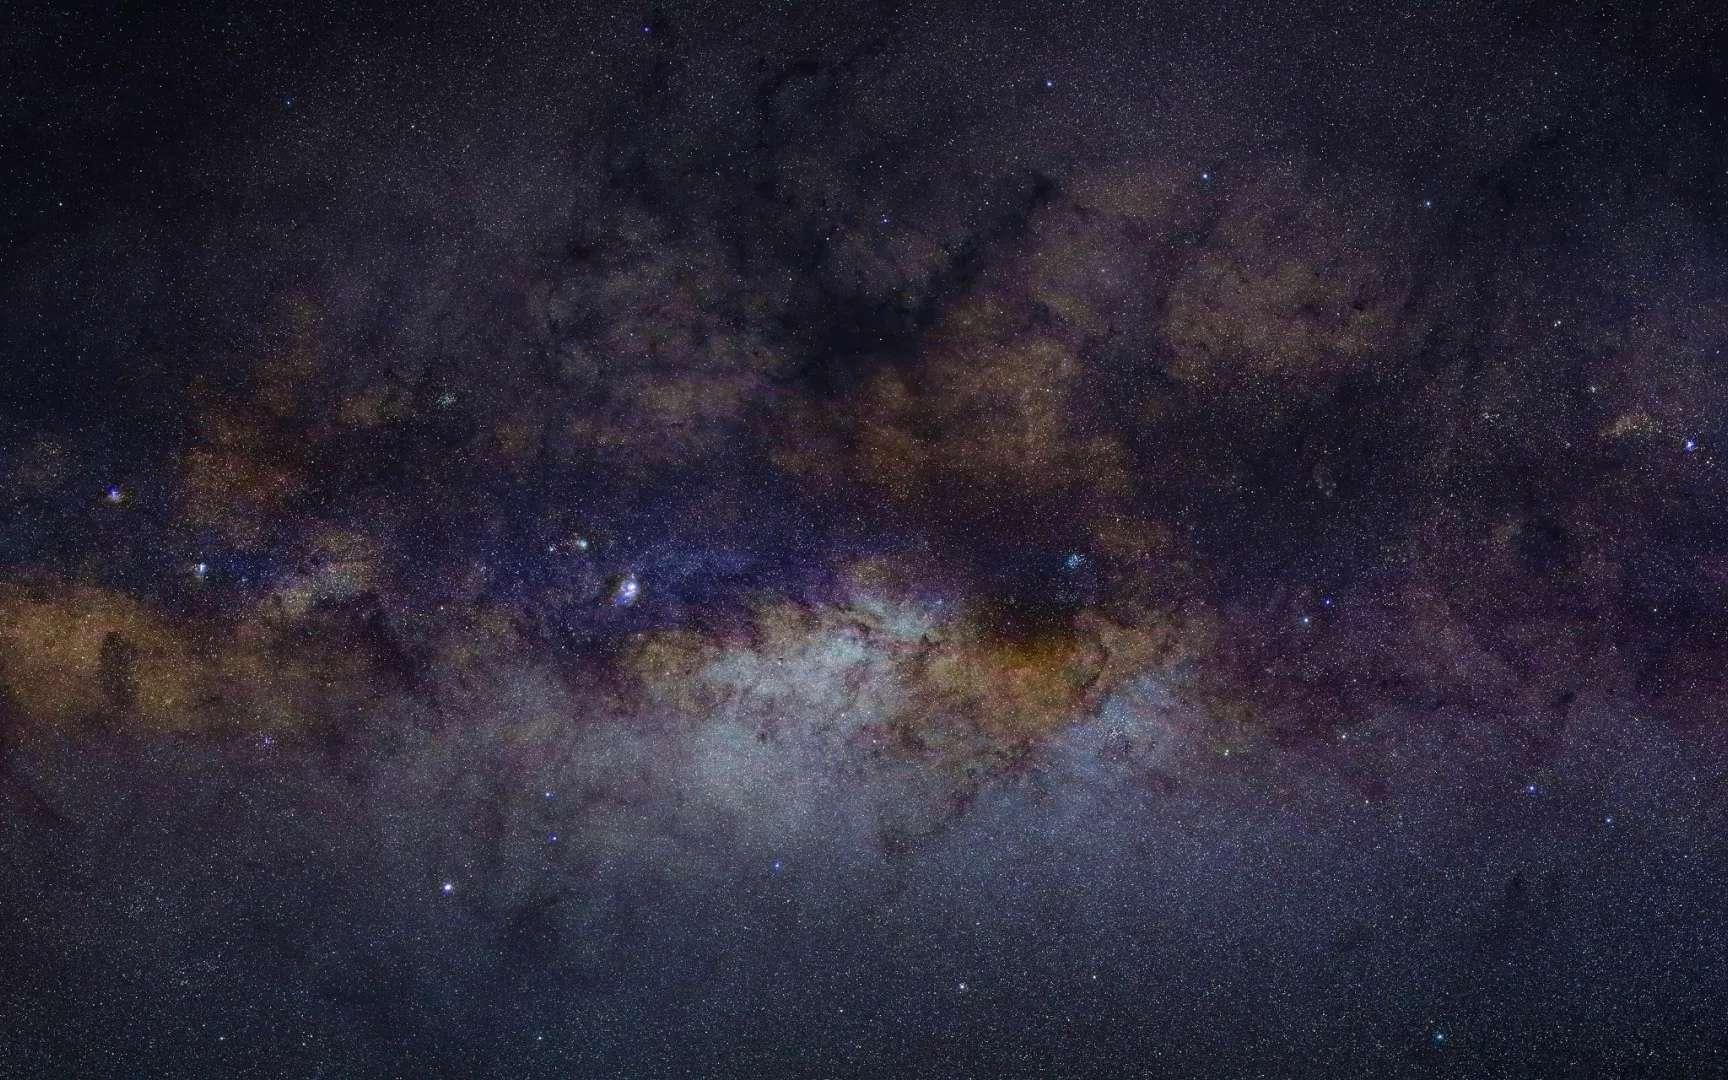 La Voie lactée ventrue photographiée de la banlieue de la Terre par le satellite Yangwang-1. © CNSA